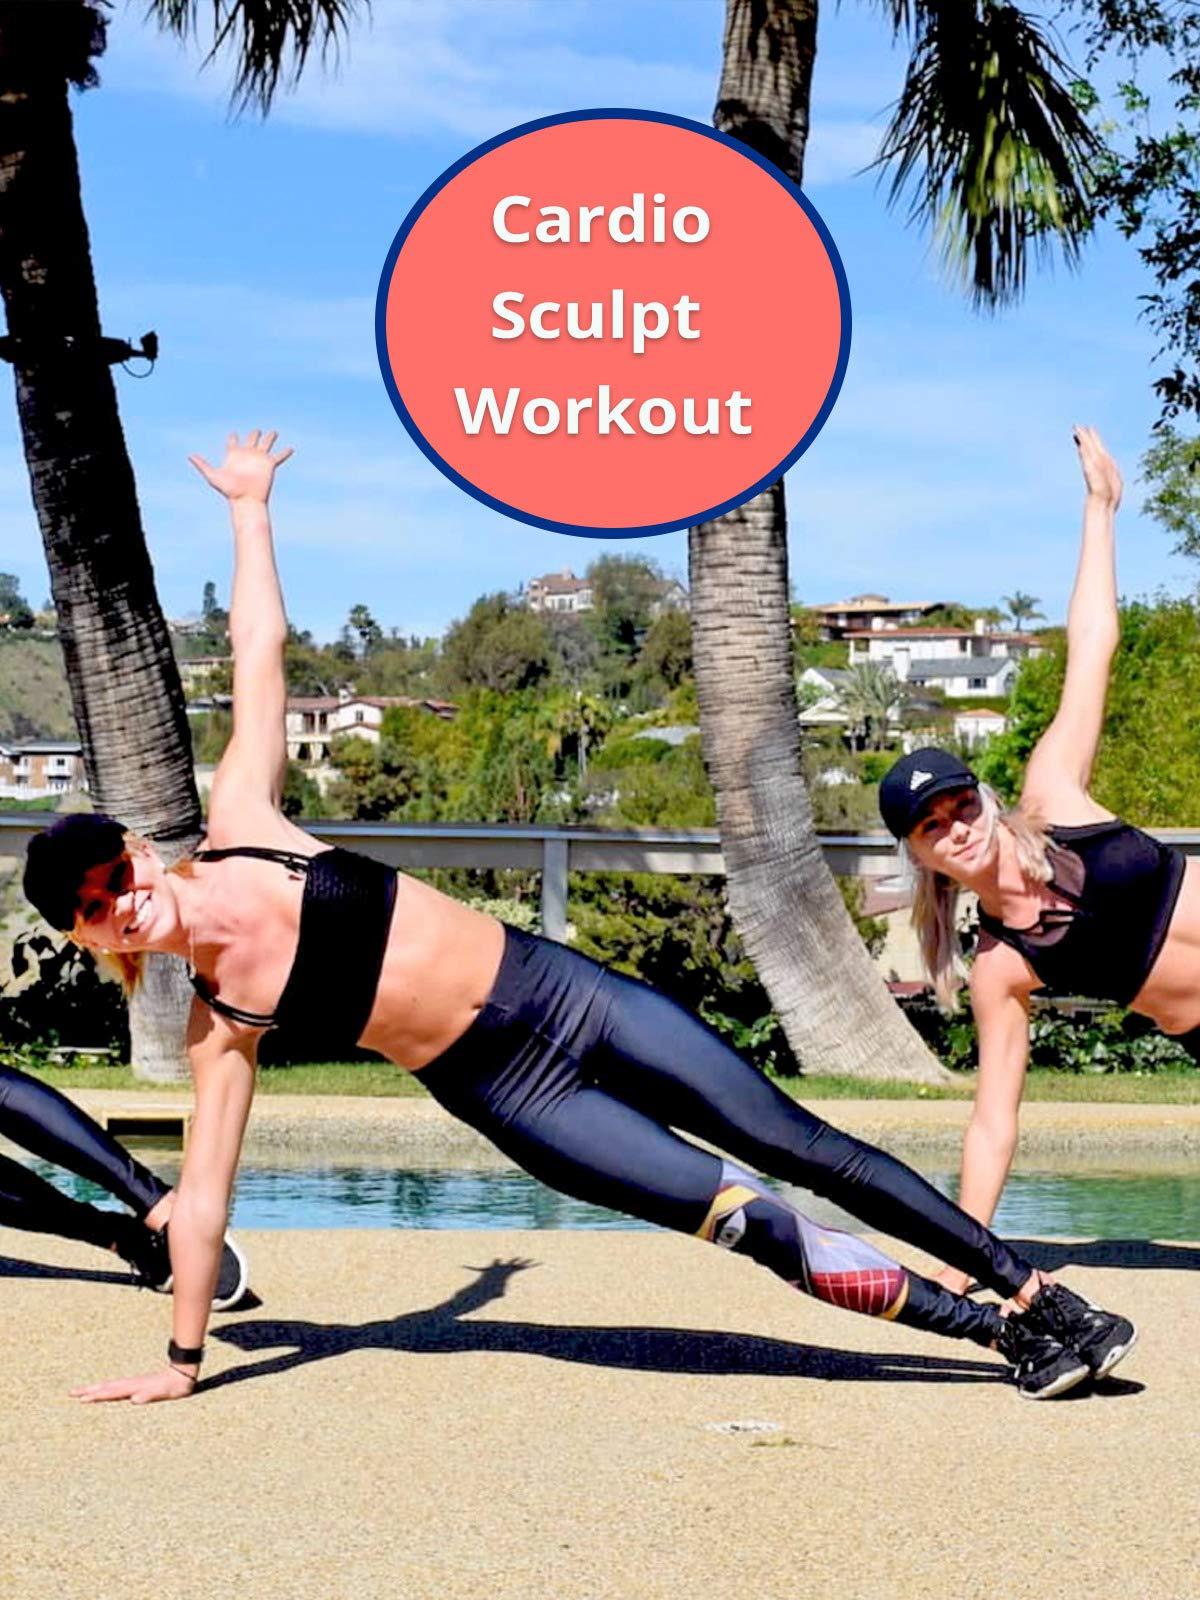 Cardio Sculpt Workout